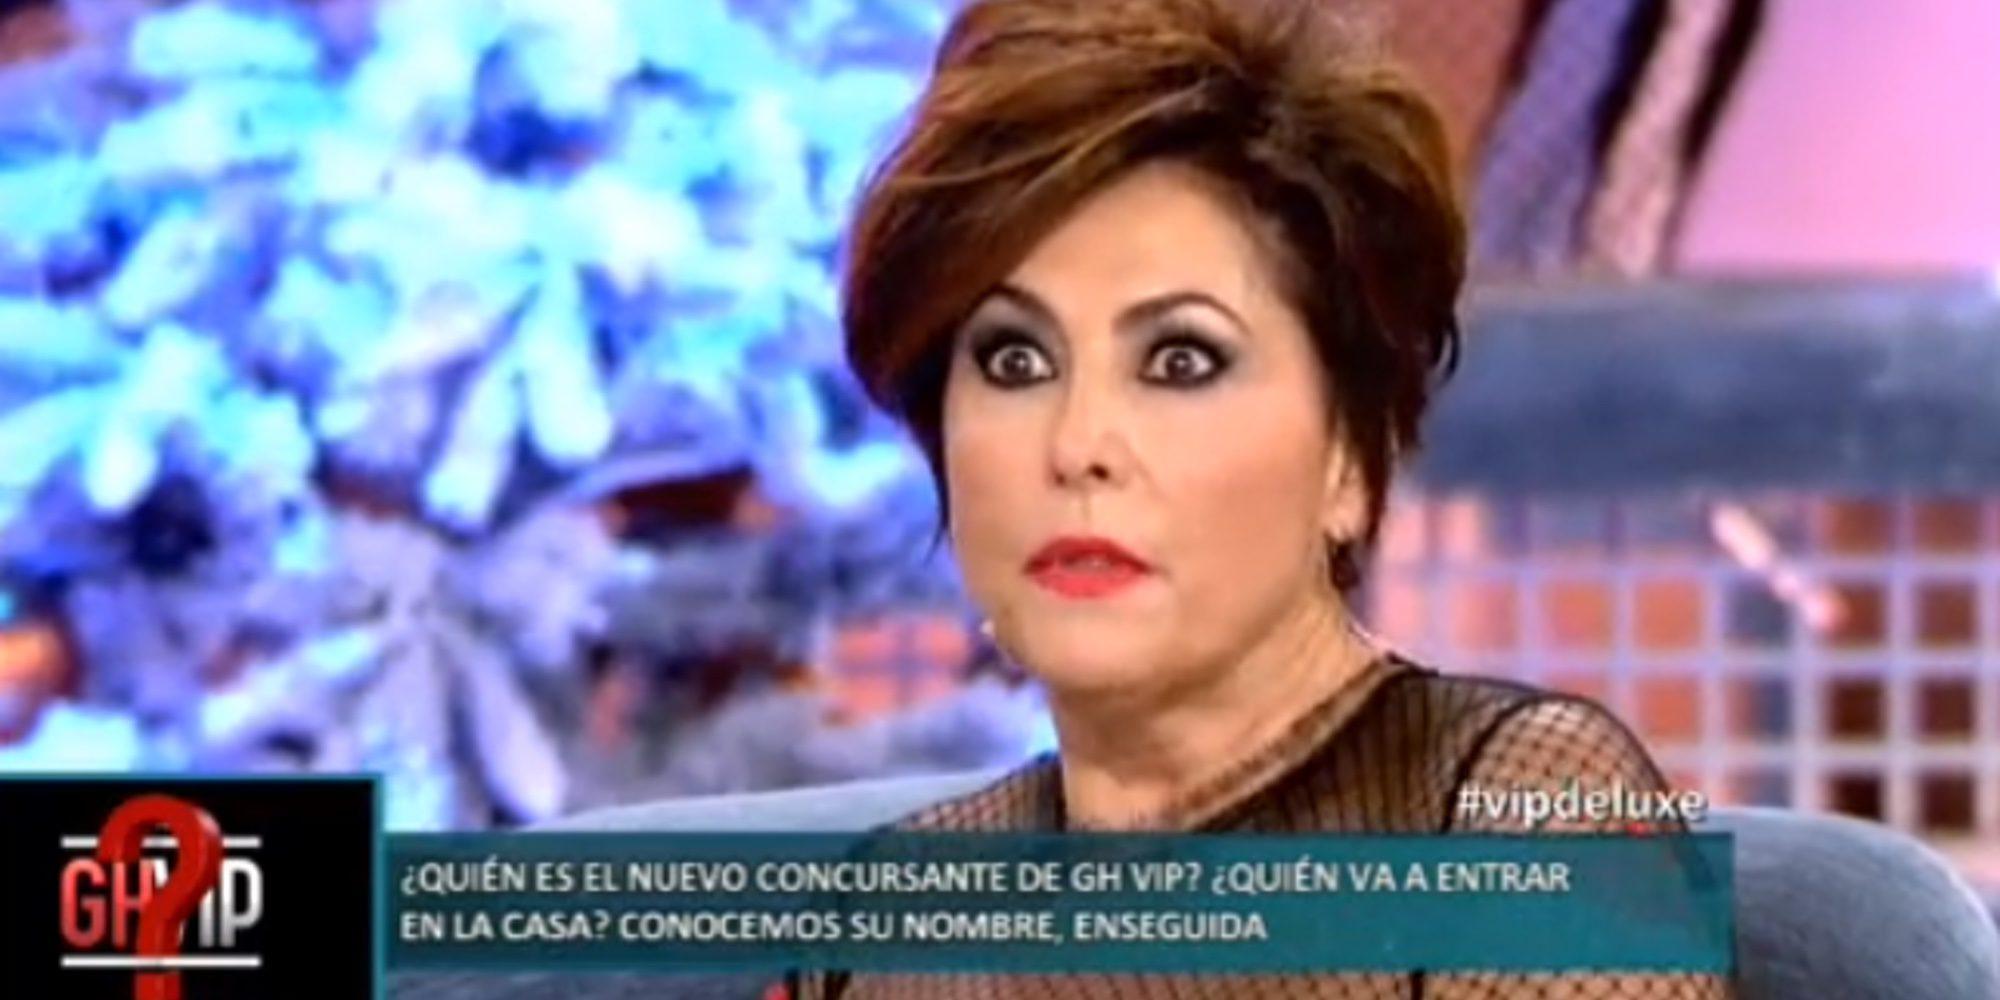 """Irma Soriano confirma que Toño Sanchís se ha puesto en contacto con ella: """"Me mandó un mensaje"""""""